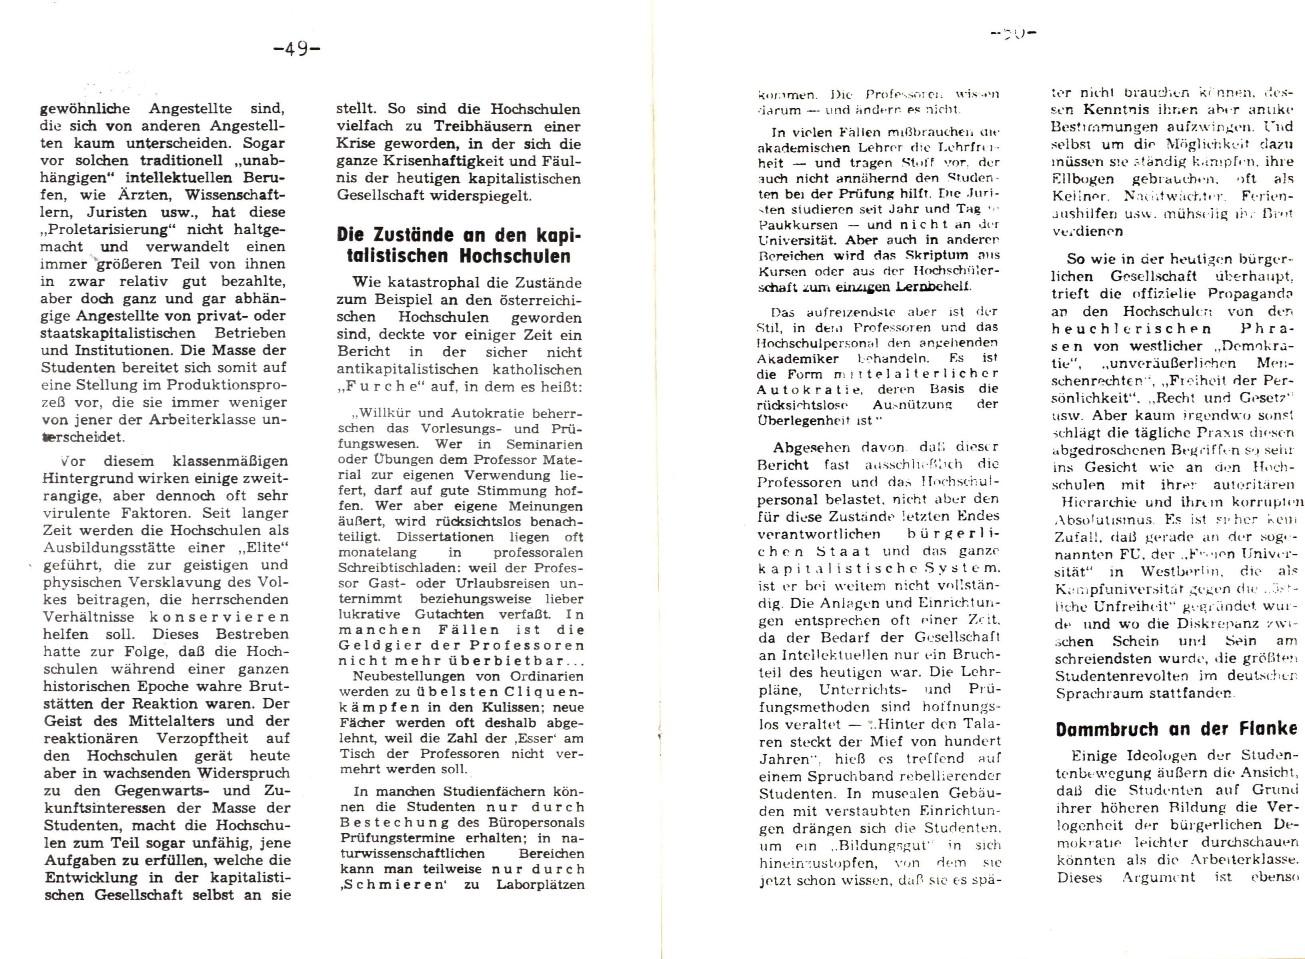 MLSK_Theorie_und_Praxis_des_ML_1978_23_28